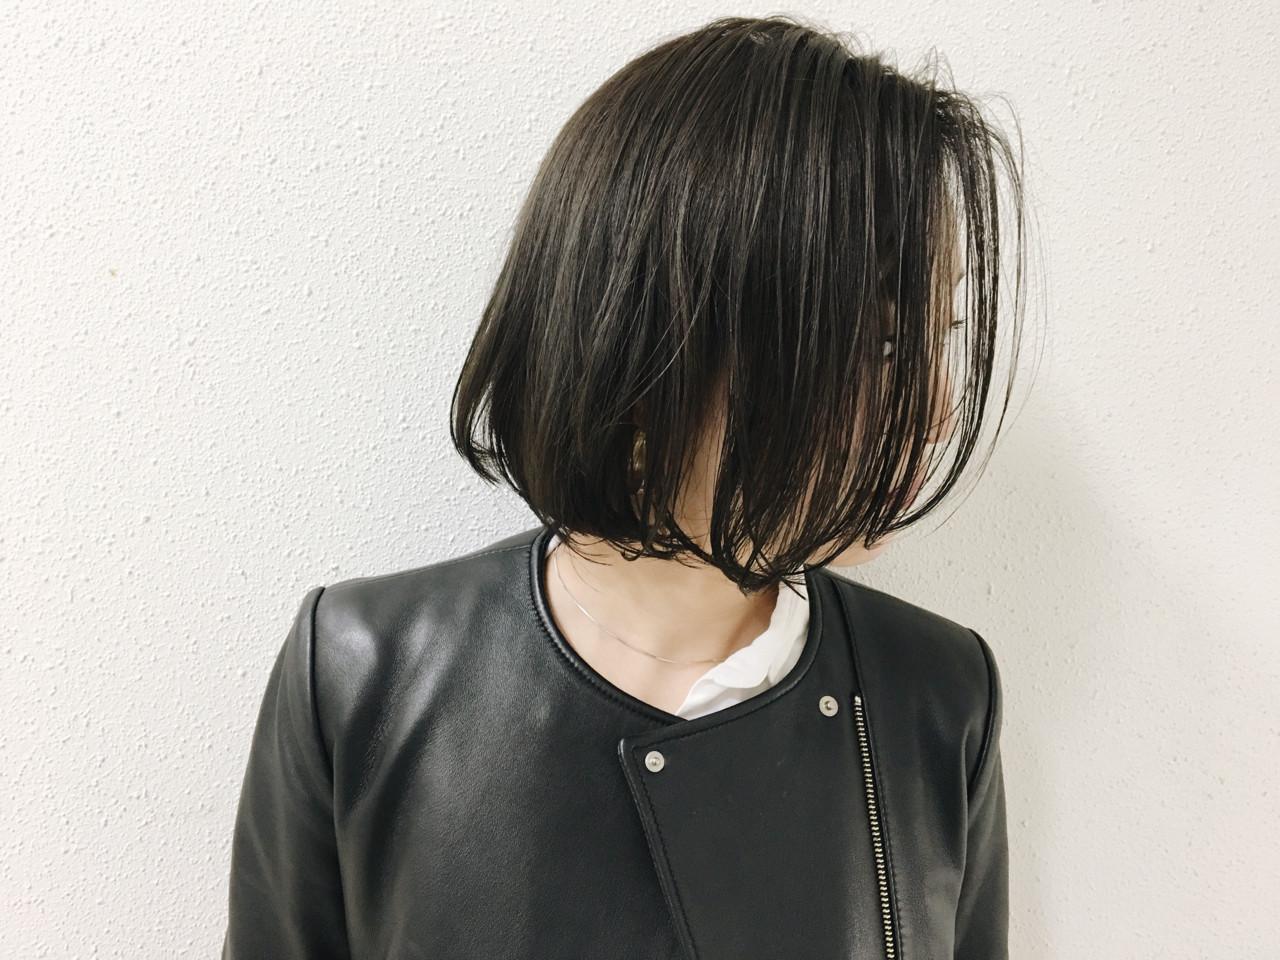 グレー 透明感 ナチュラル ボブ ヘアスタイルや髪型の写真・画像